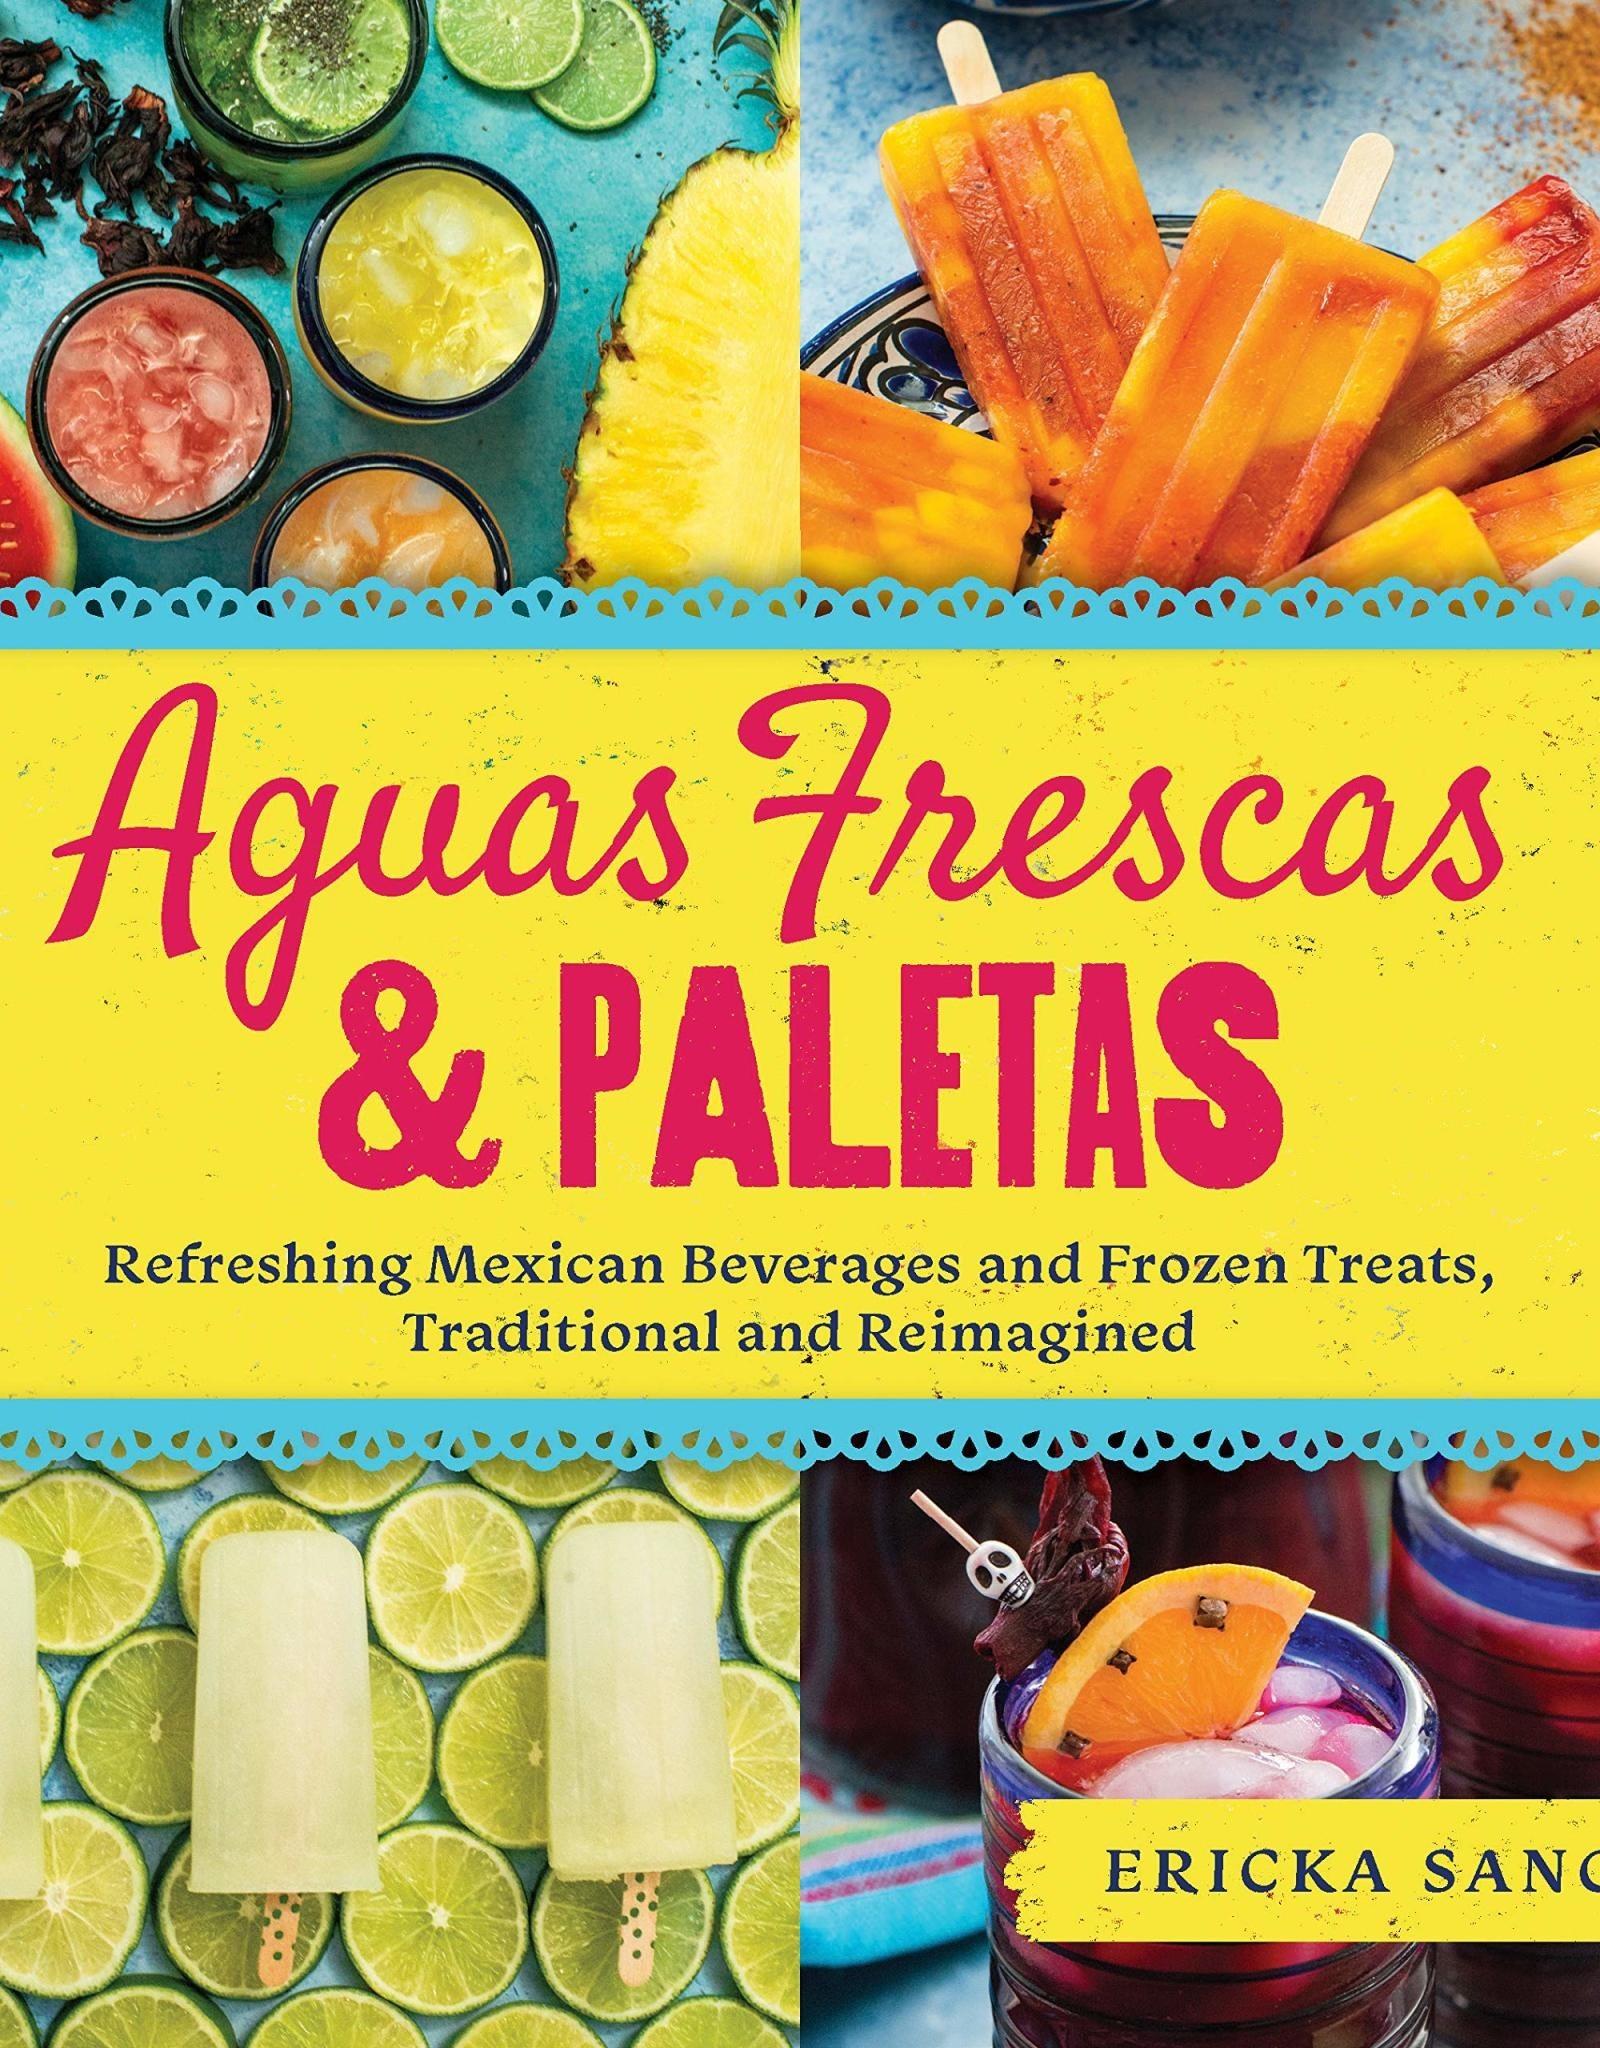 AGUA FRESCAS AND PALETAS